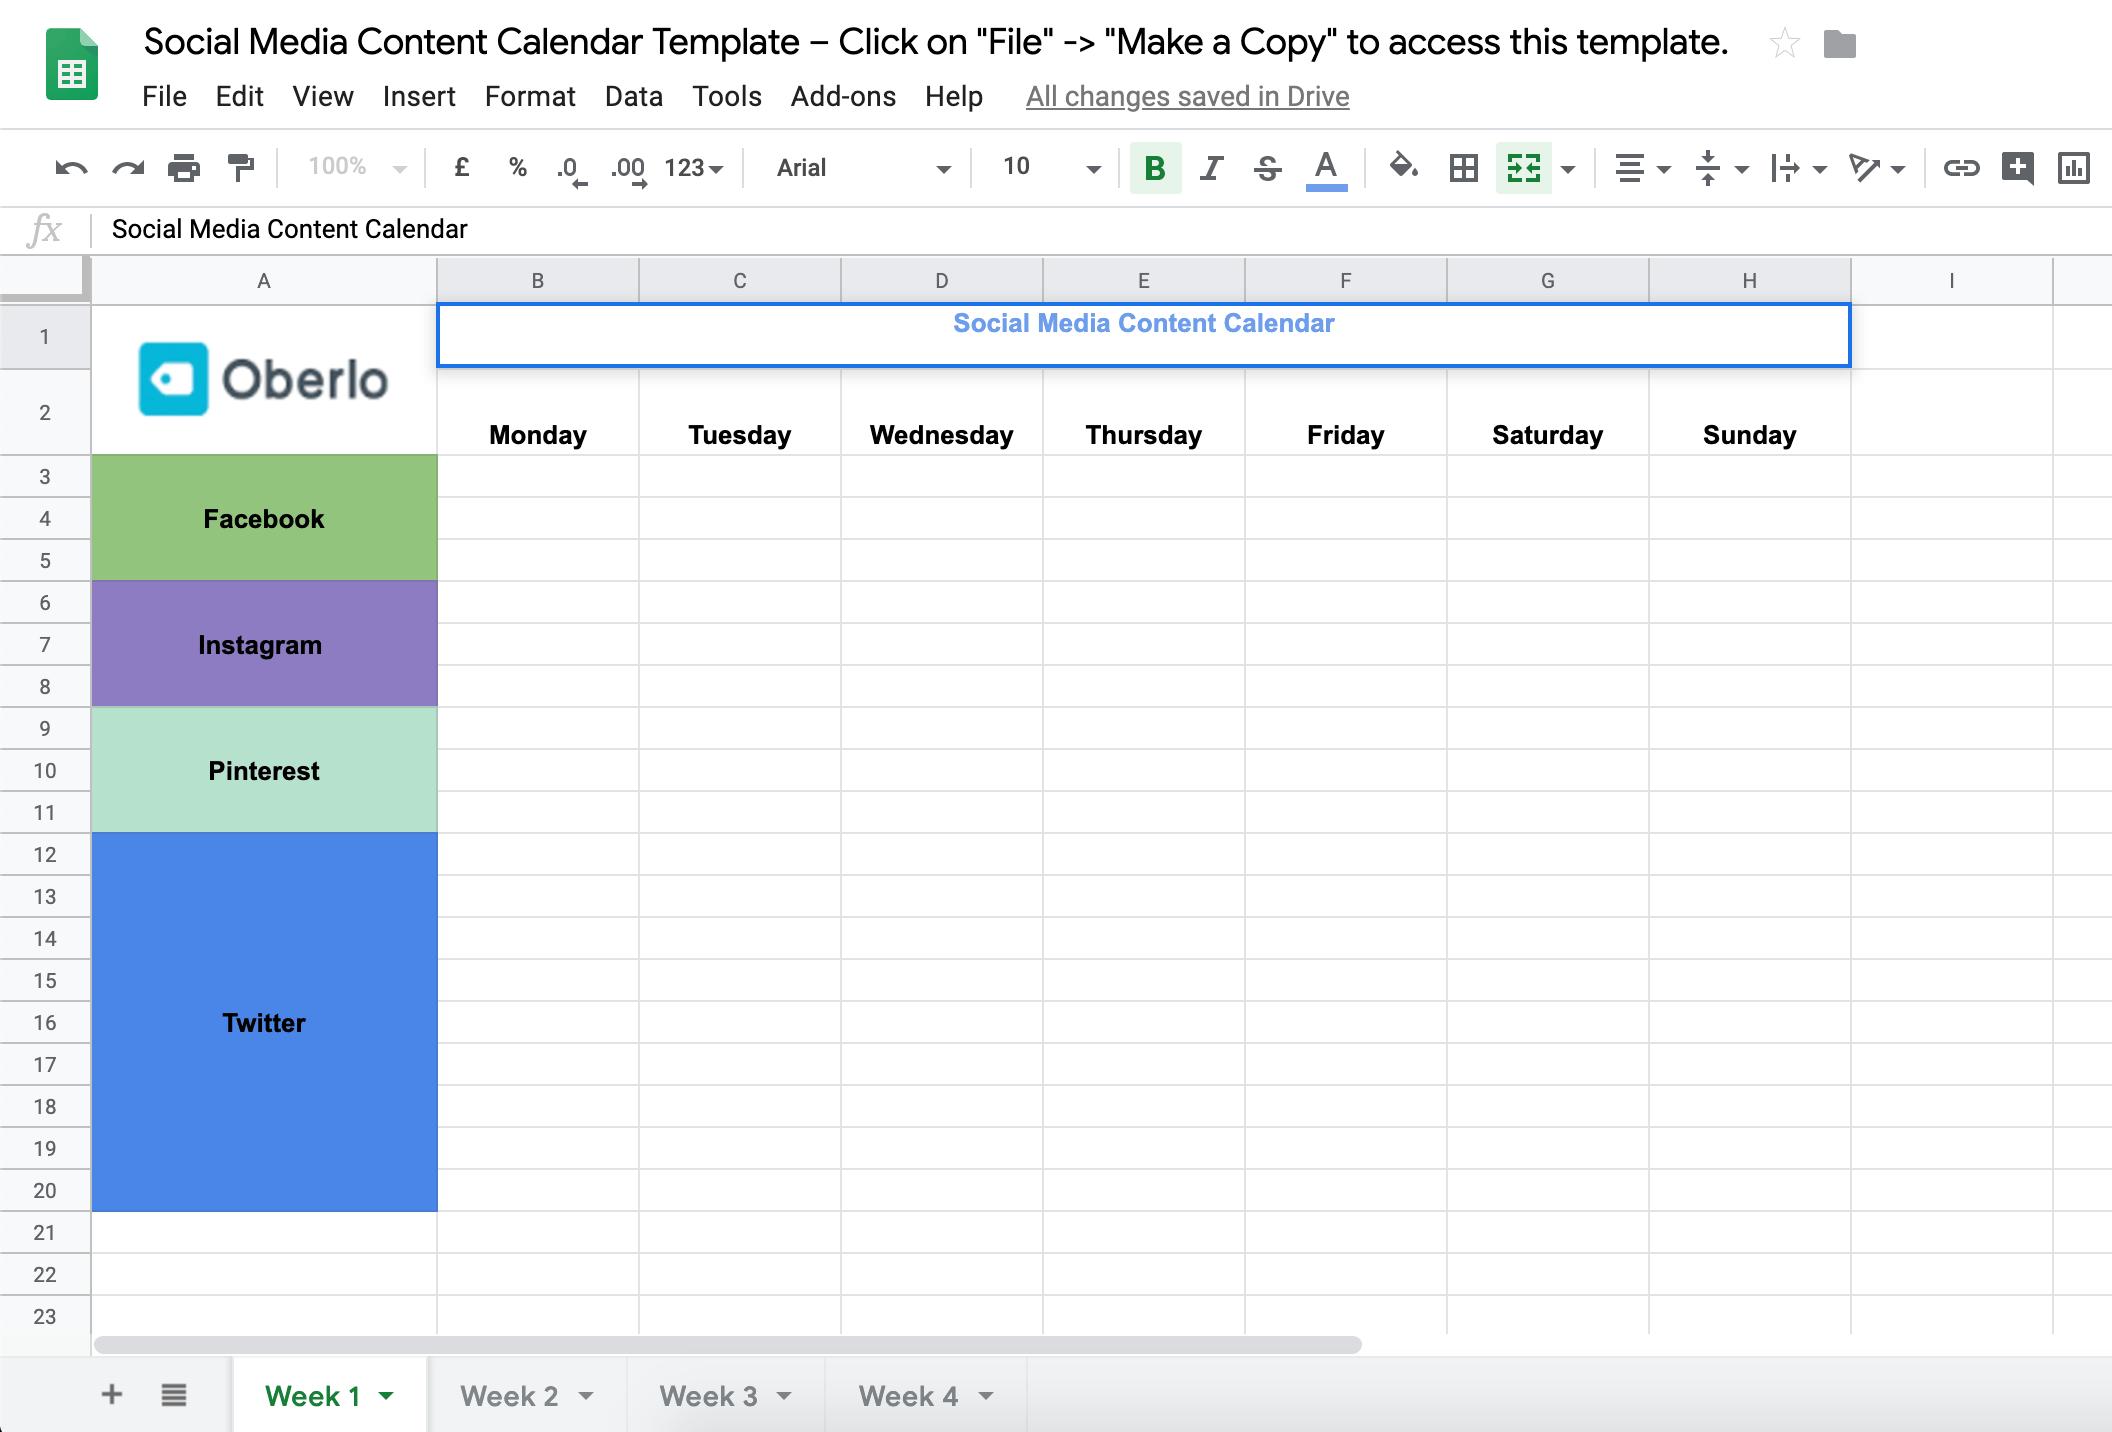 Как создать календарь контента в социальных сетях для вашего бренда (БЕСПЛАТНЫЙ ШАБЛОН)